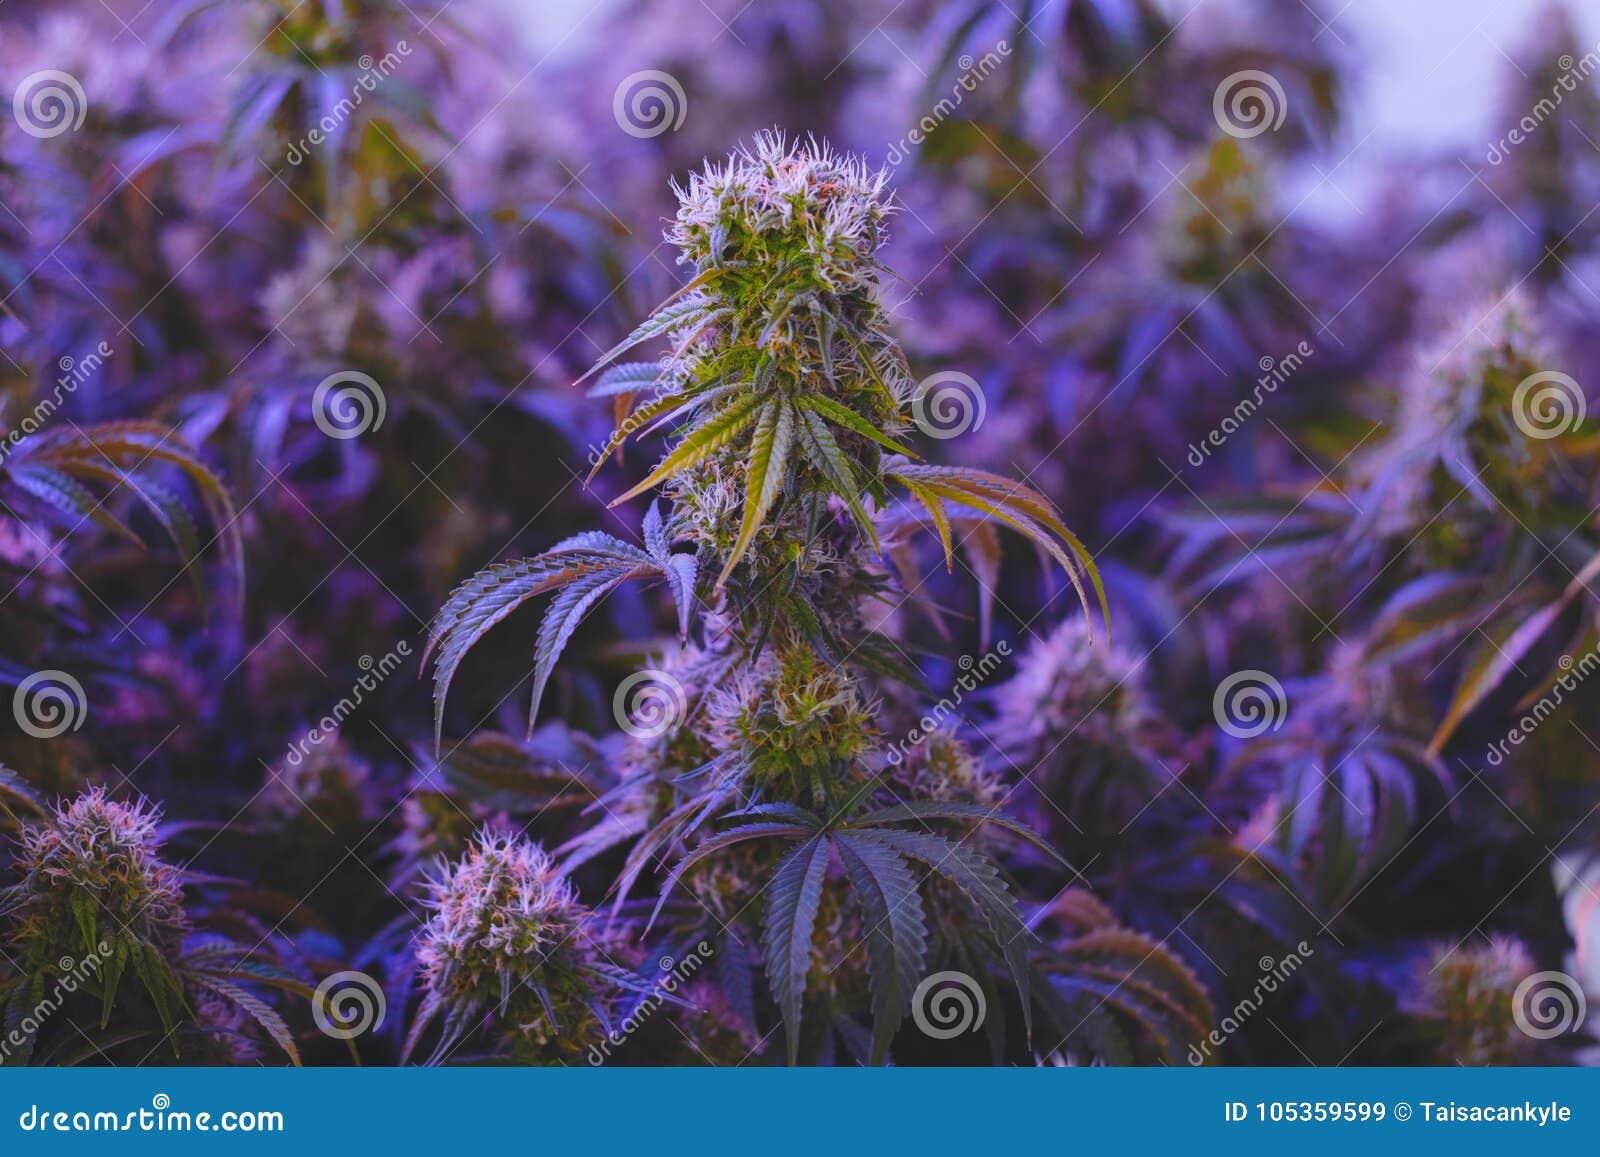 Ιατρική γεωργία μαριχουάνα για την εναλλακτική βιομηχανία υγειονομικής περίθαλψης